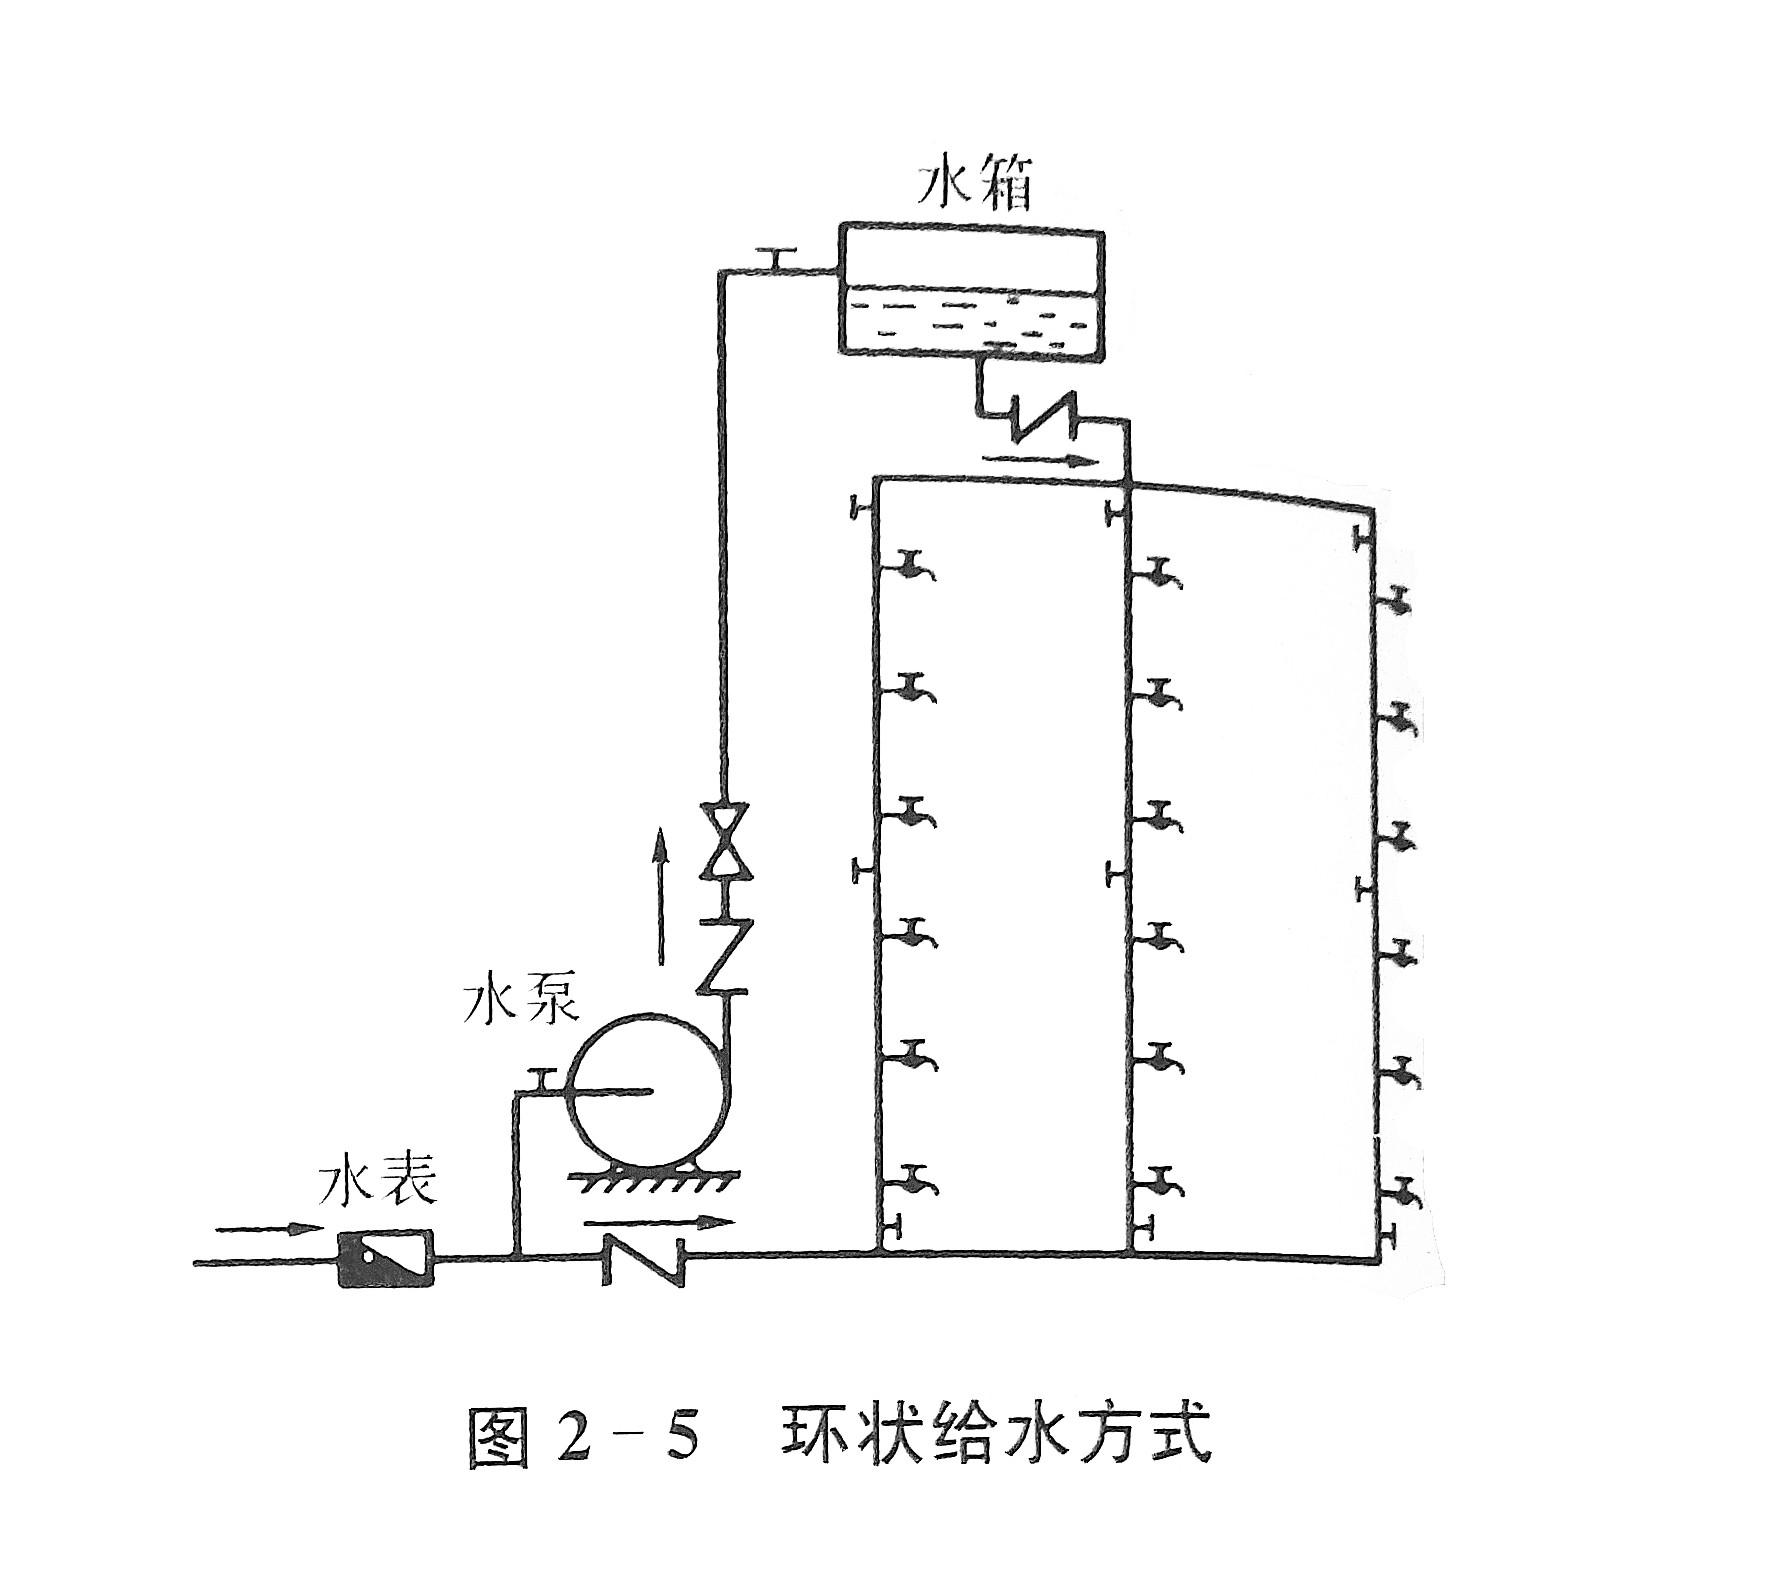 二、室内给水管道布置和敷设 1.管道布置 (1)布置形式 室内给水系统按照水平于管的嫩设位置,可有以下儿种形式: 下行上给式,如图2-1所示。这类布置是水平干管敷设在首层管沟内或直埋地下,有地下室的建筑物可敷设在地下室天花板下。水是自下向上供给。这类布置常用于一般居住建筑和公共建筑中的直接给水系统。采用时装式,便于安装和维修。  上行下给式,如图2-2所示。水平干管敷设在顶层天花饭下或吊顶层内,从上向下供水。多用于多层建筑或设有水箱的给水系统。  环状式,如图2-5所示。水平干管或配水立管互相连通成环